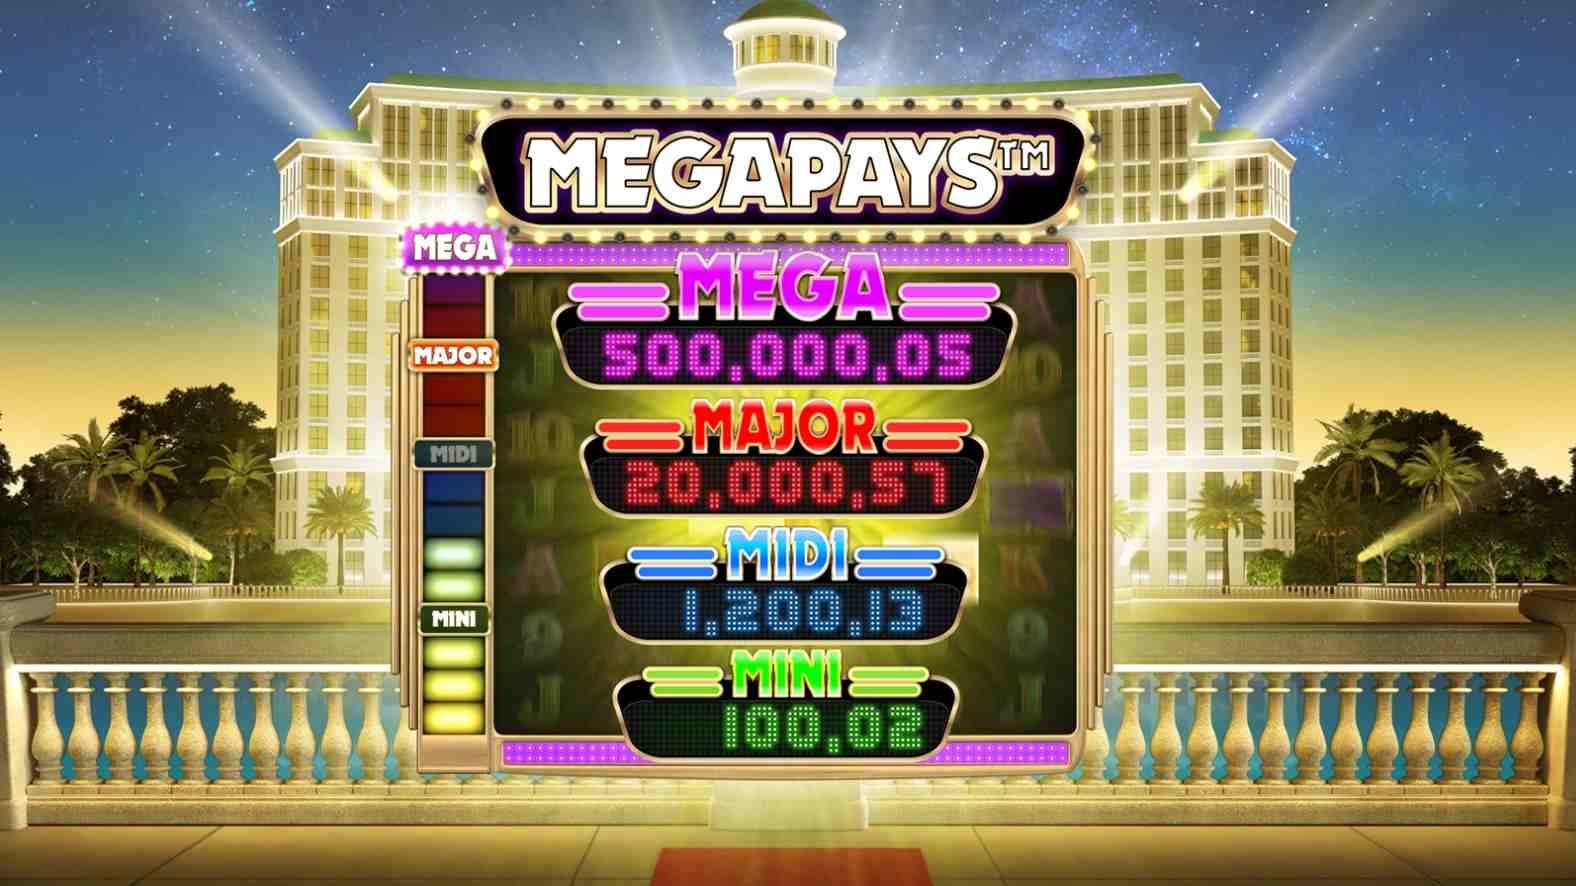 Bonanza Megapays Jackpot